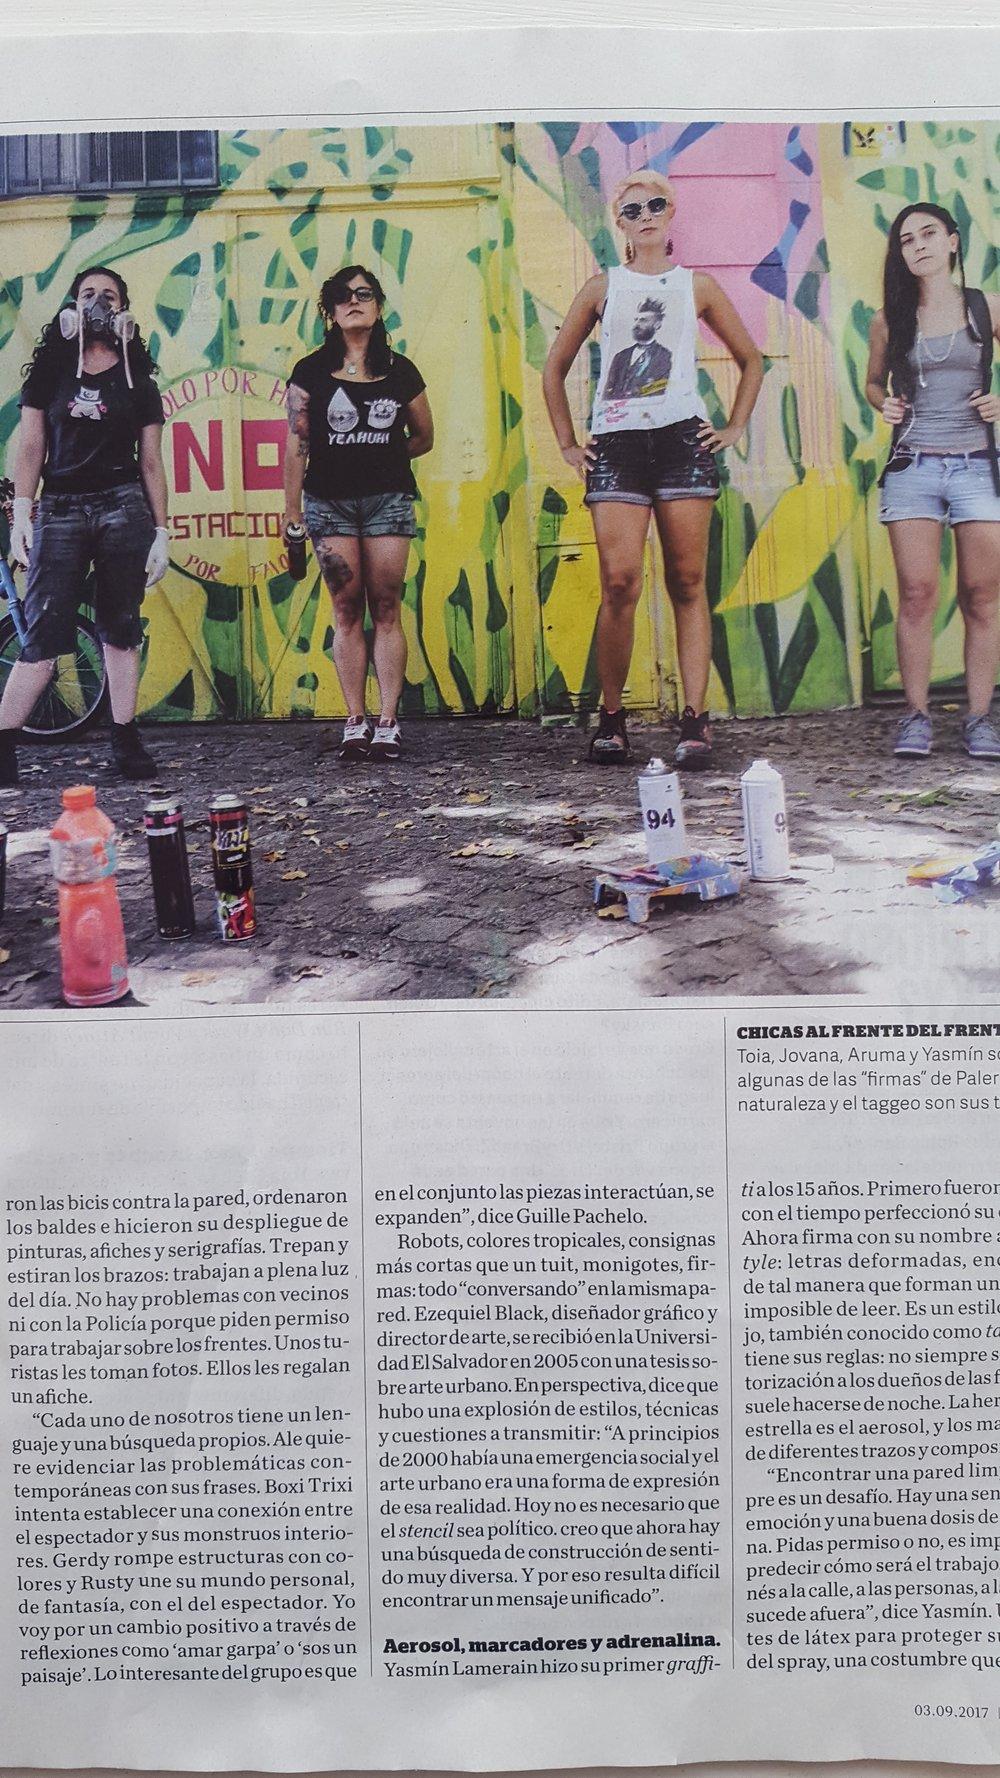 Foto de le edición impresa de la nota en la Revista Viva. Yasmín, Jovana, Toia y Aruma (izq a der) frente a un mural de Toia Grehan.